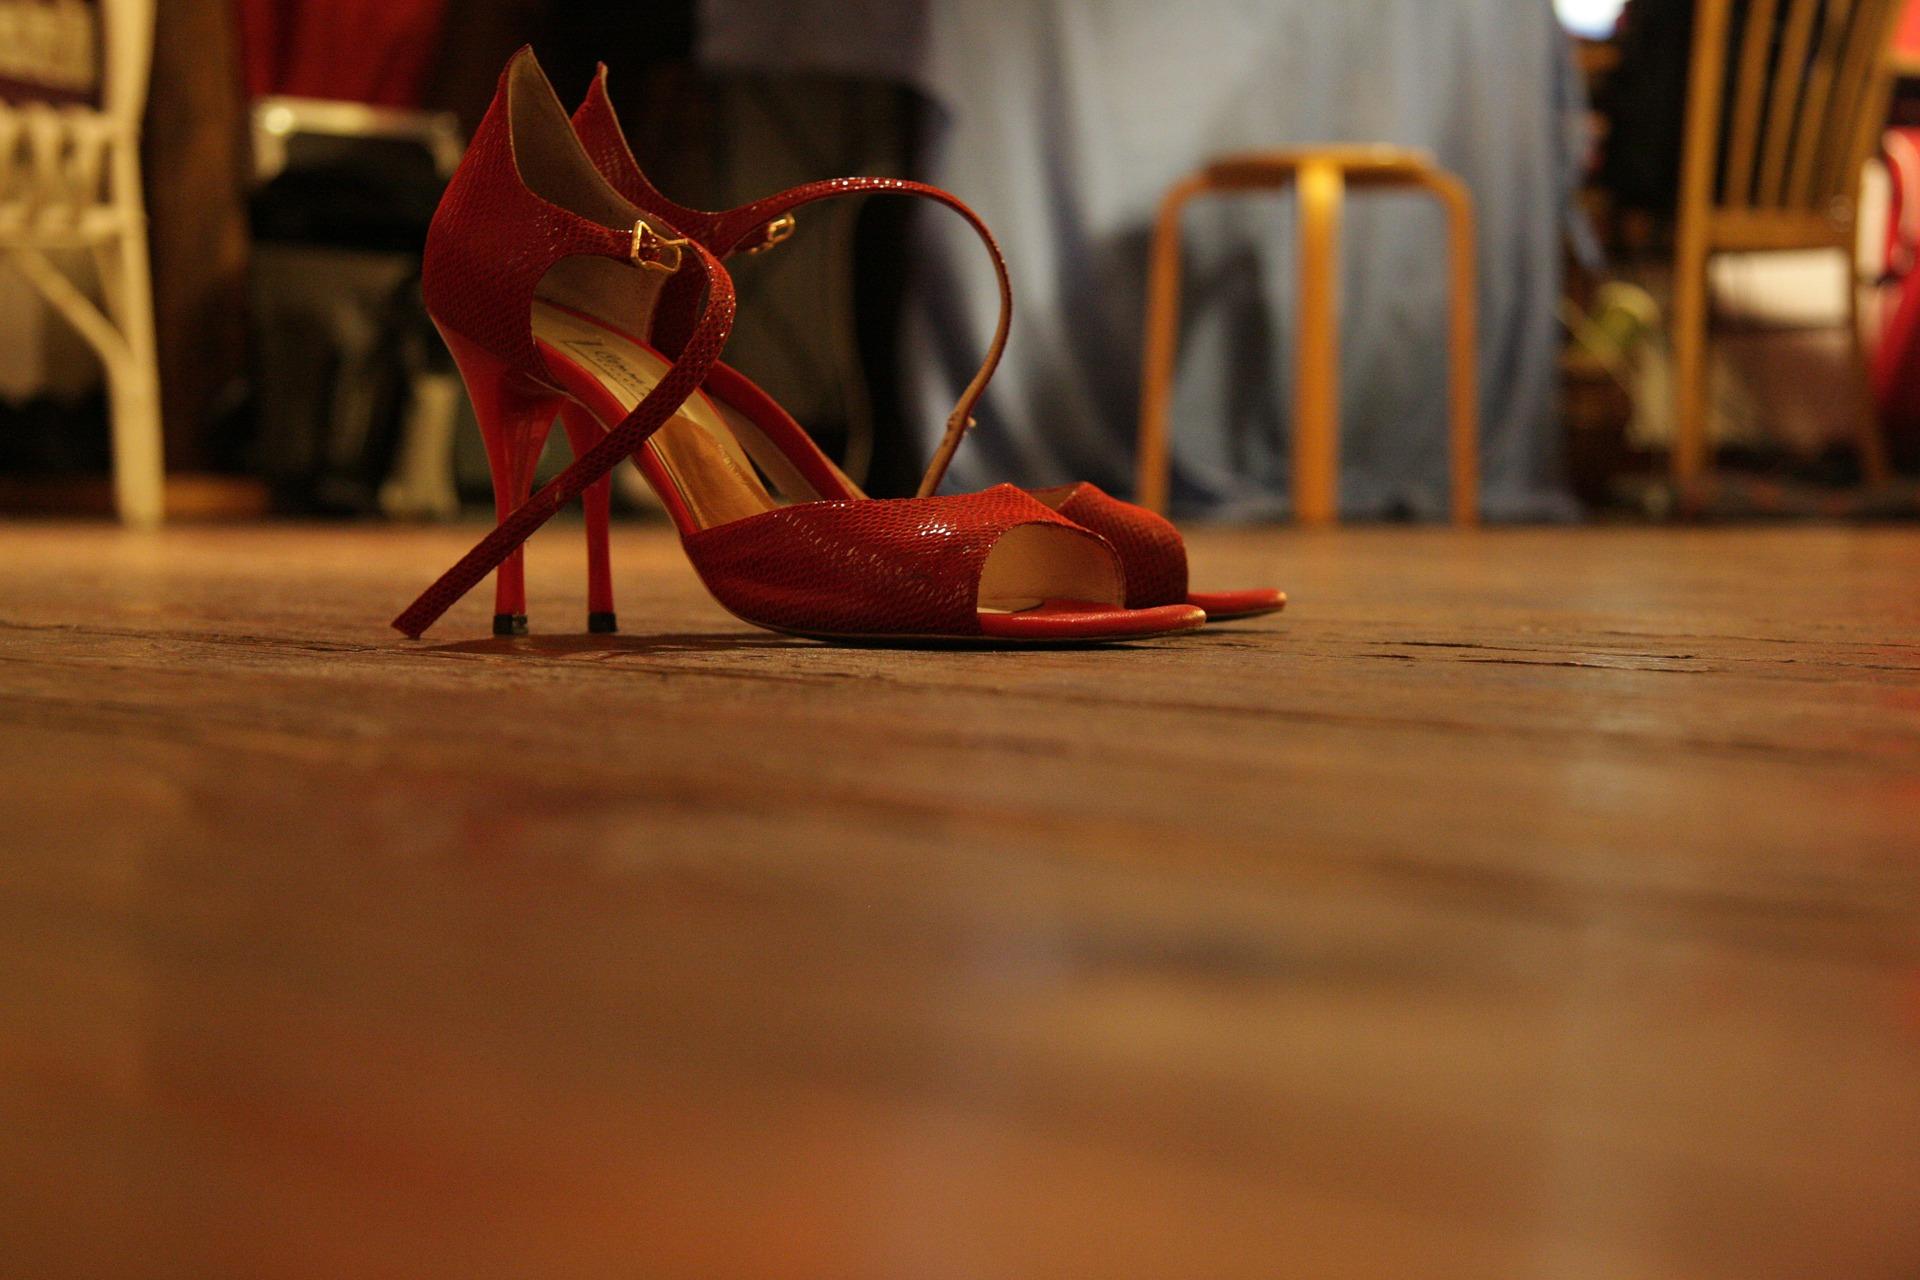 high-heeled-shoes-285661_1920